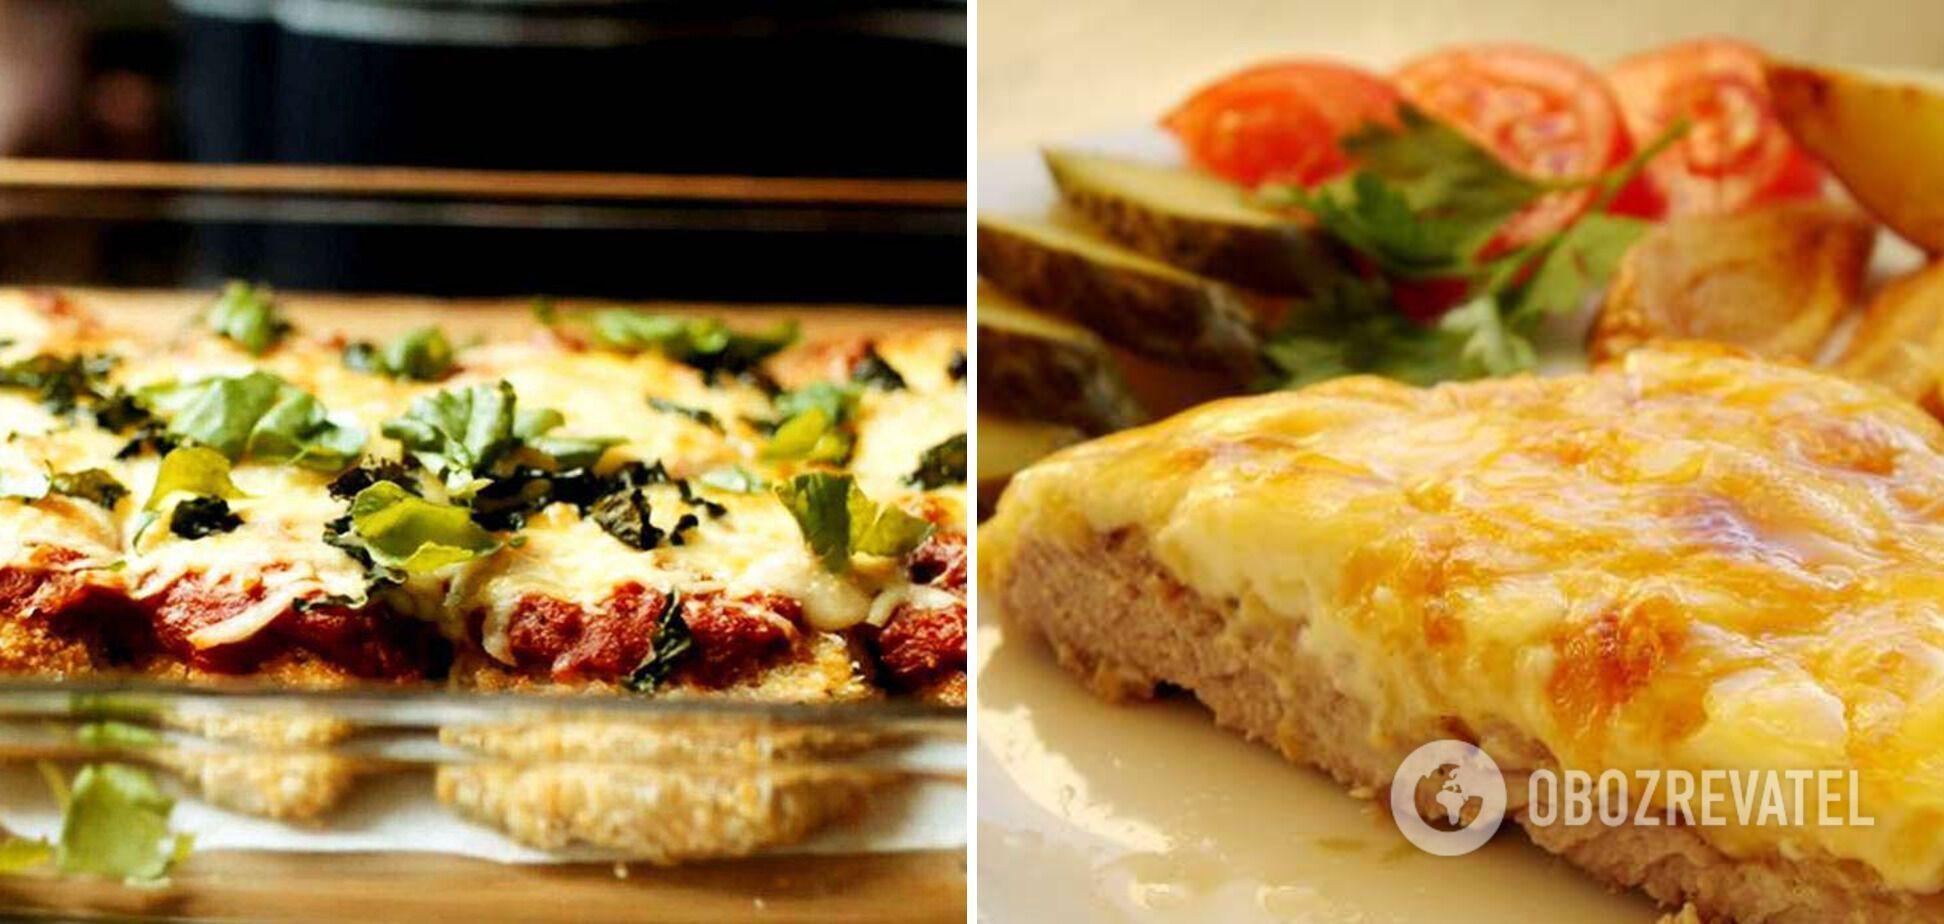 Мясо по-французски из двух видов мяса: идеи приготовления